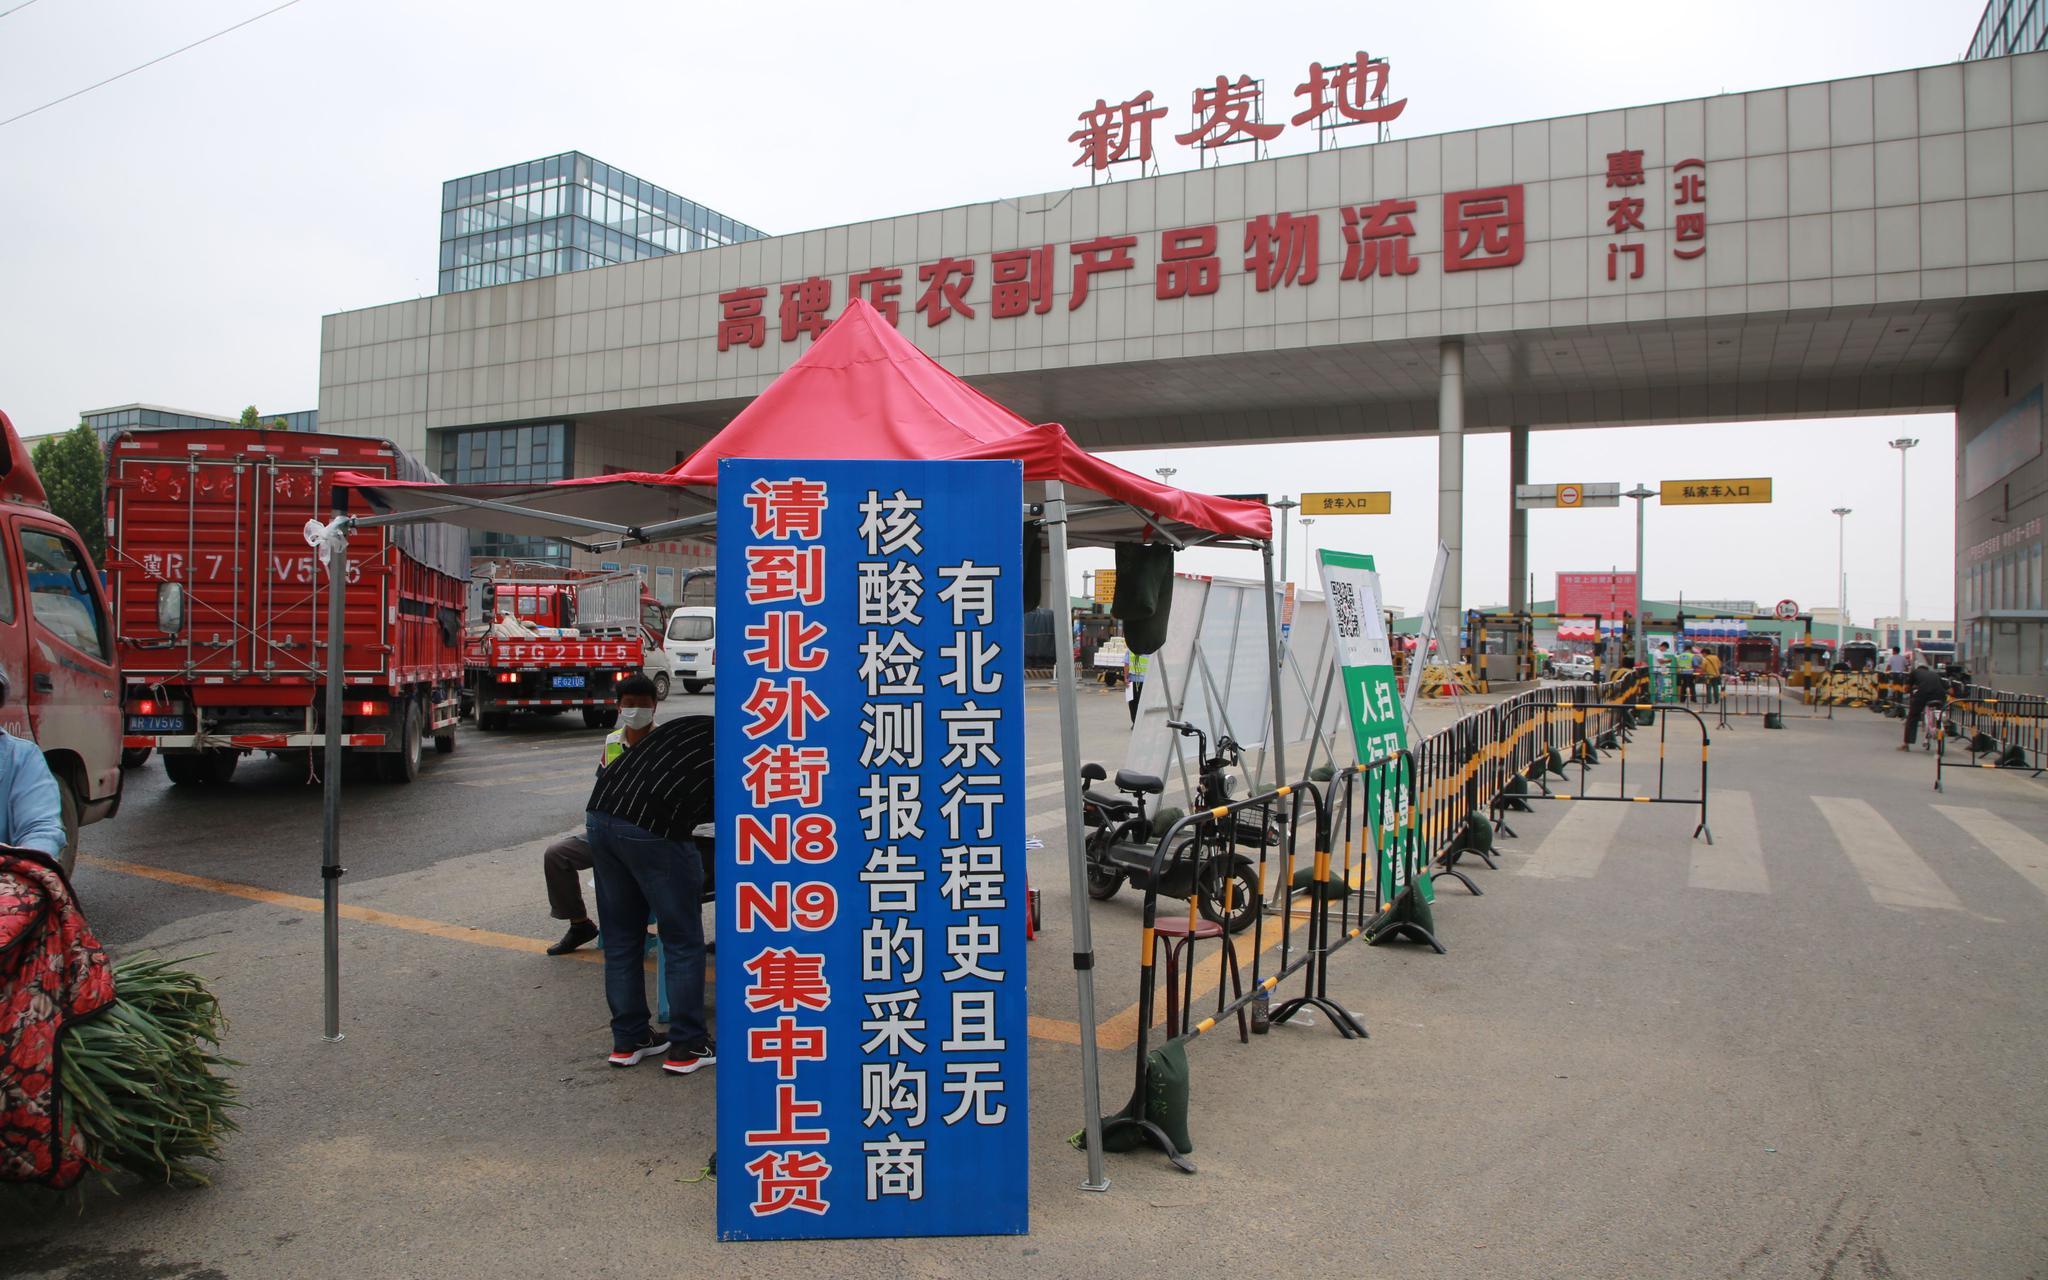 摩天招商:兼职中摩天招商转调运站分层次对接北京市图片